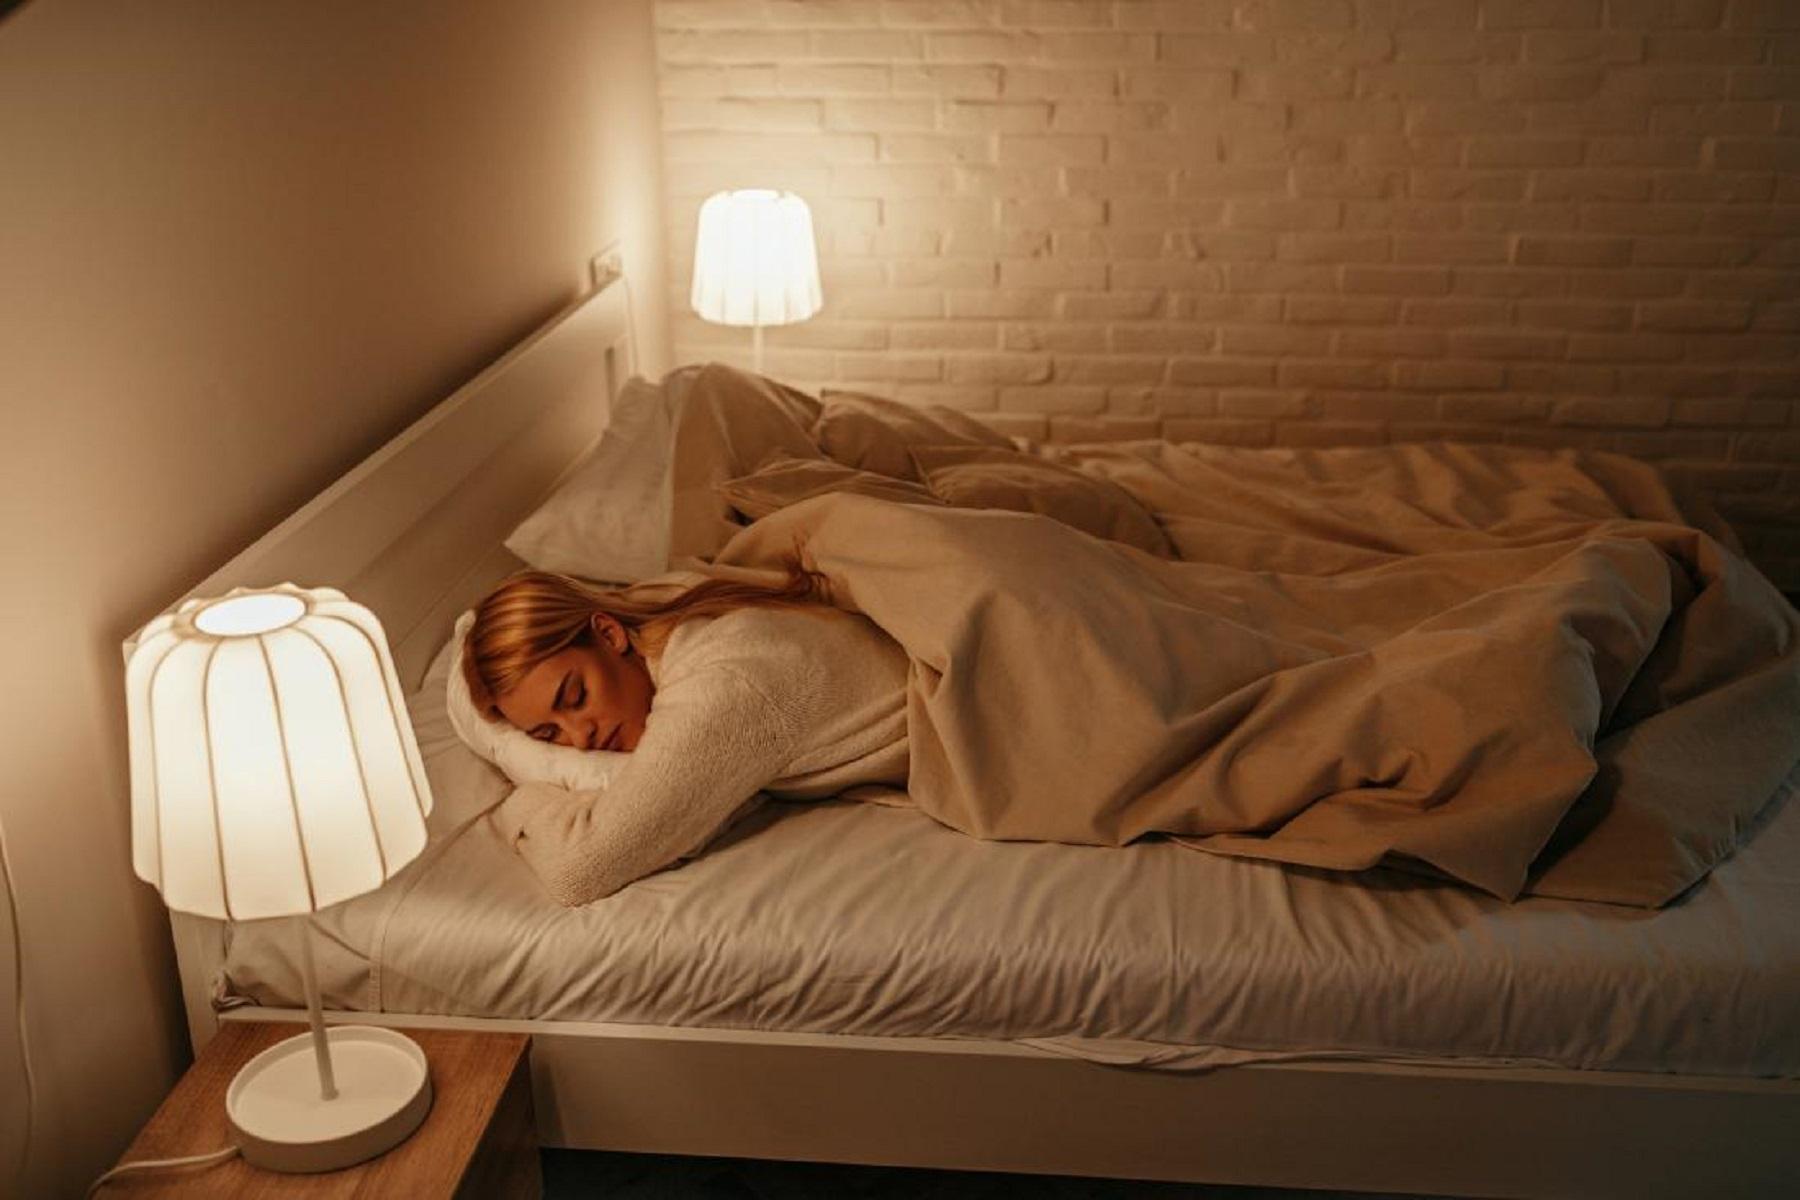 Ύπνος Φως: Κοιμηθείτε στα σκοτεινά για να χάνετε βάρος σύμφωνα με έρευνα